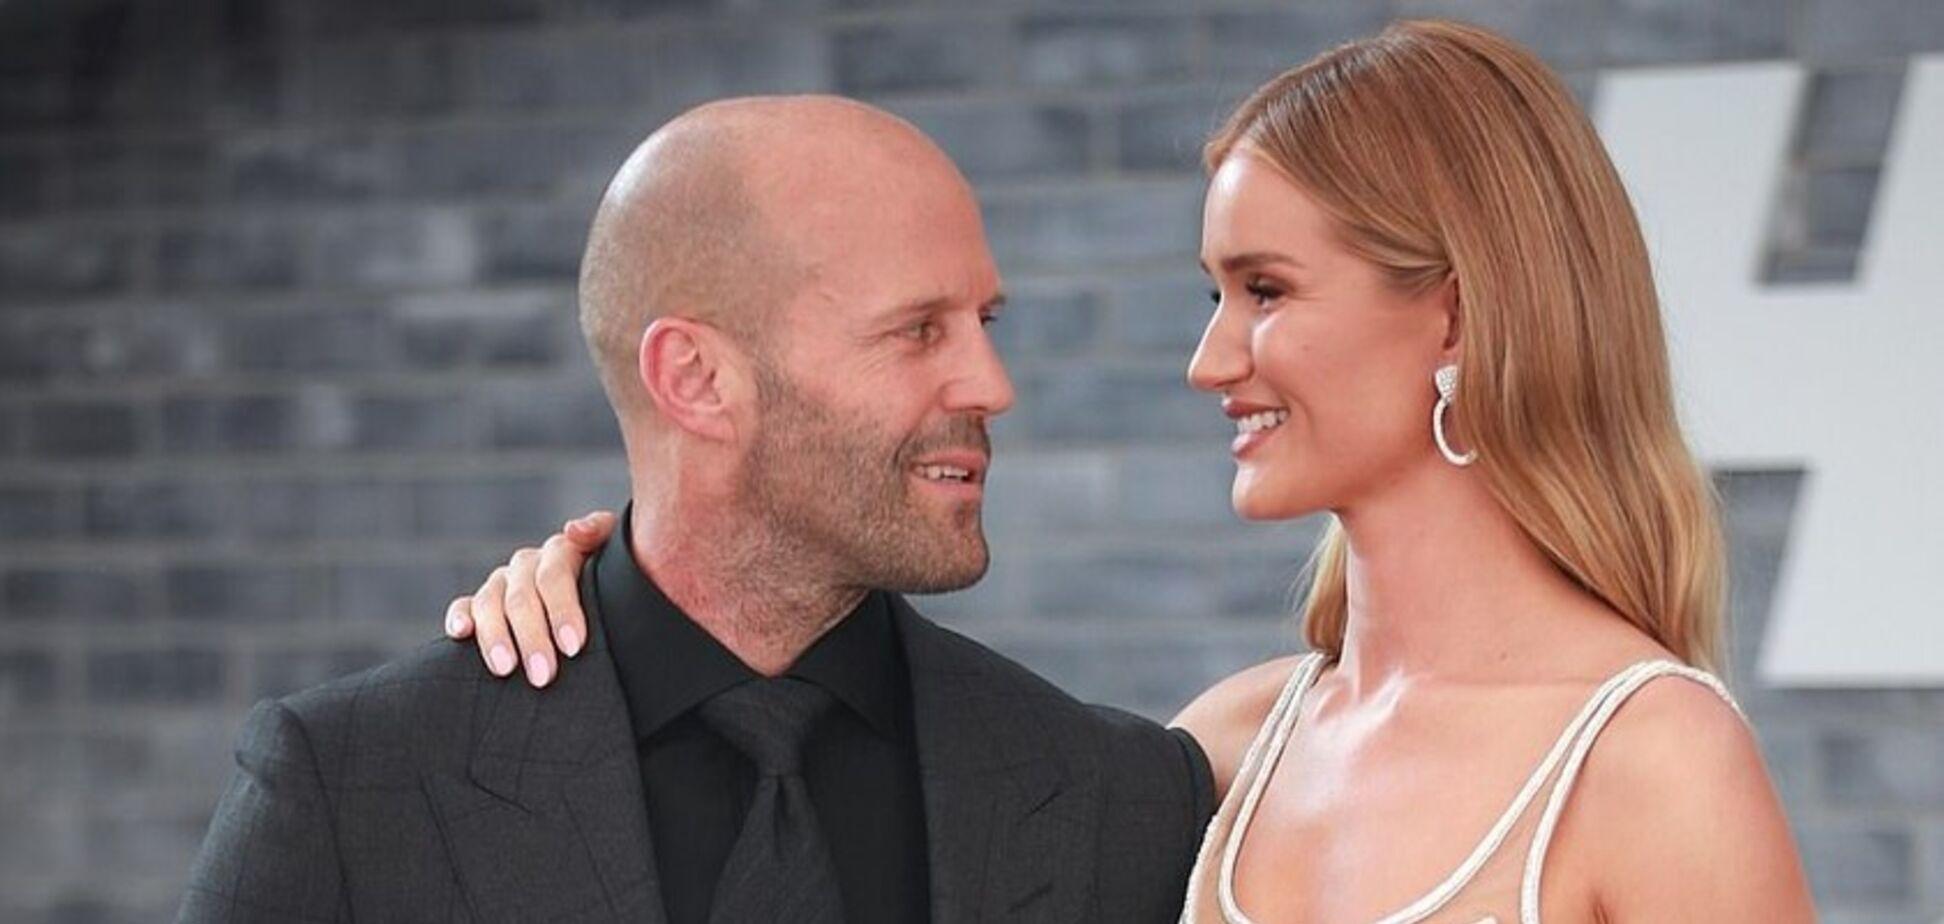 Красивые и счастливые: самые стильные пары 2019 года